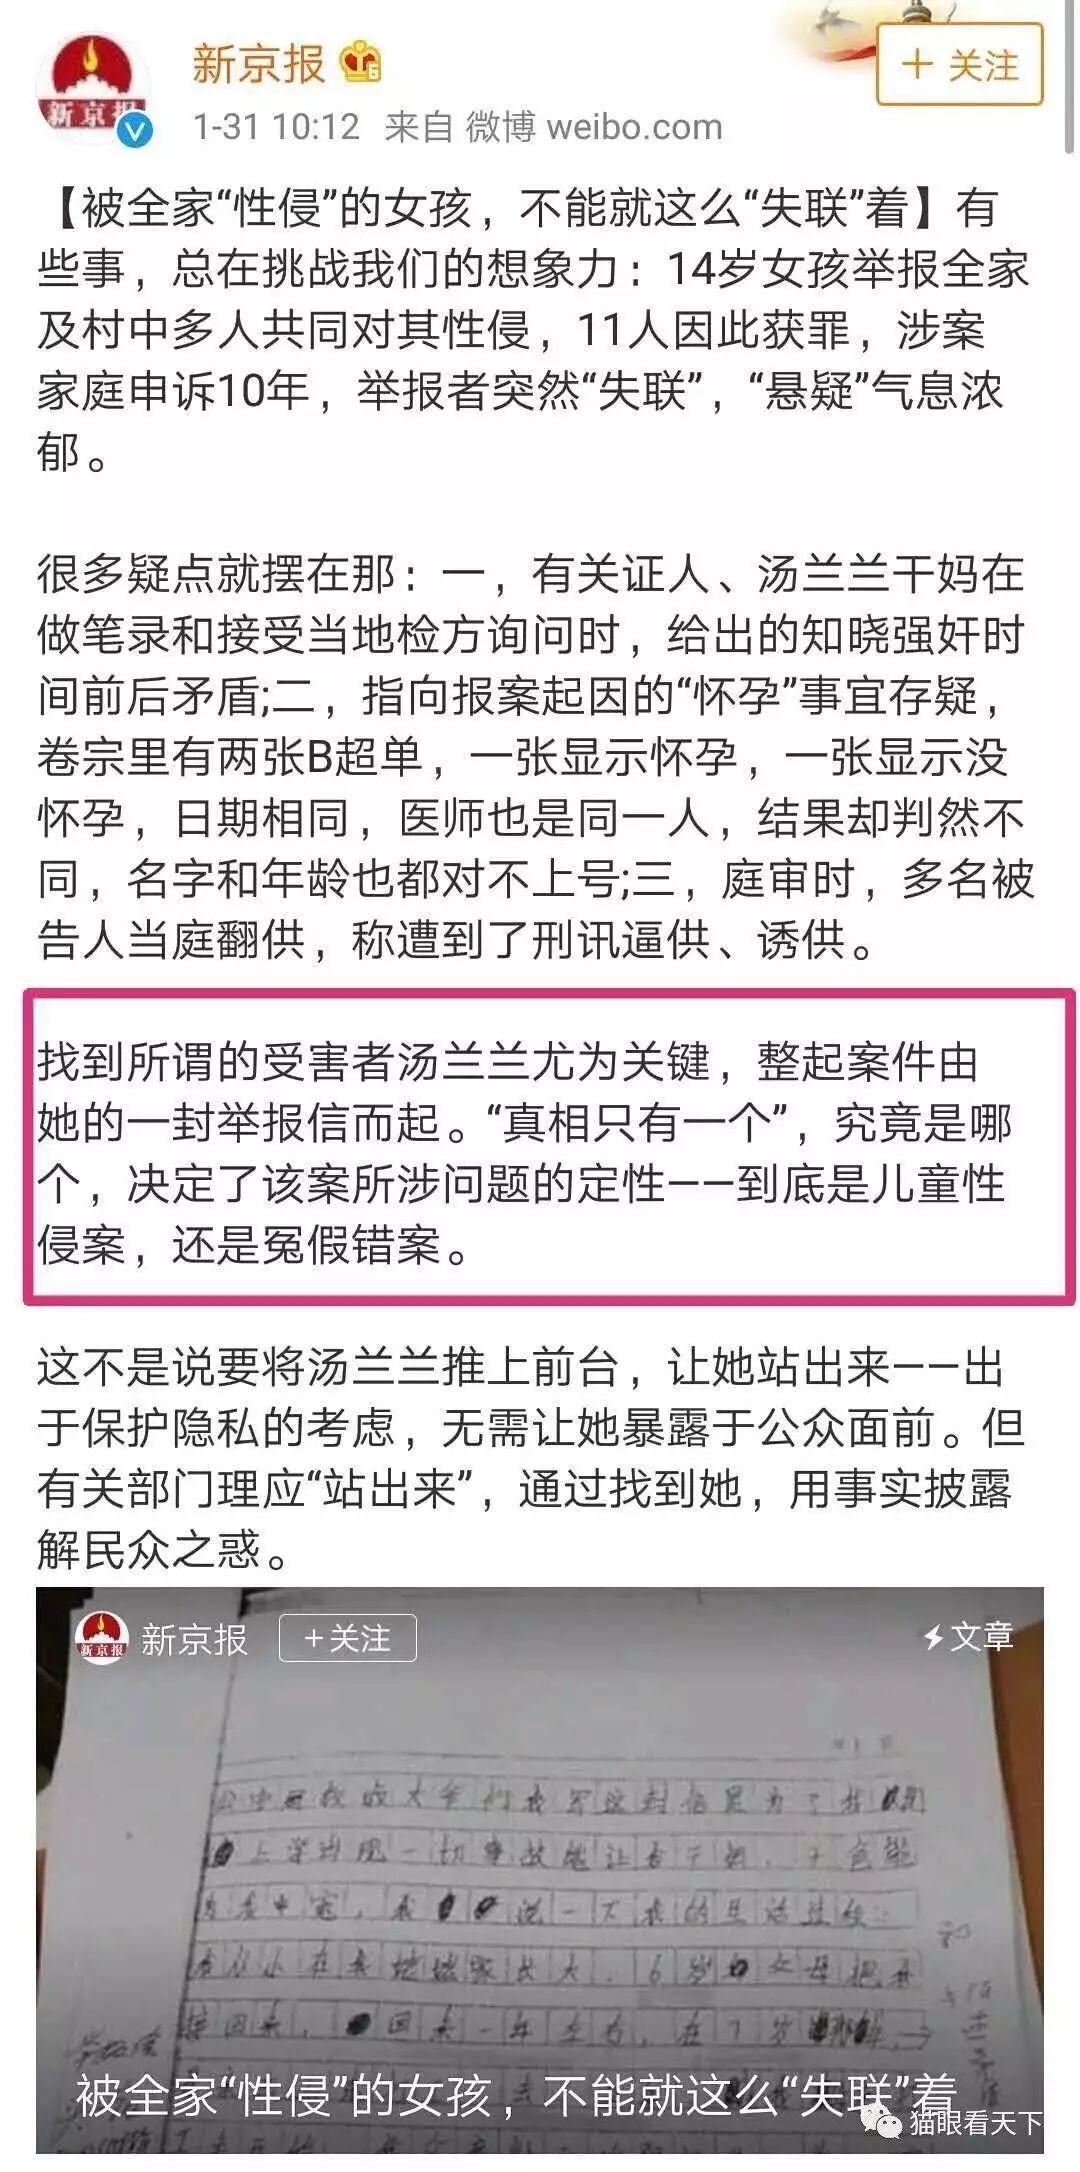 新京报|怎样蹭杀人命案的热度,阅读量才会高?